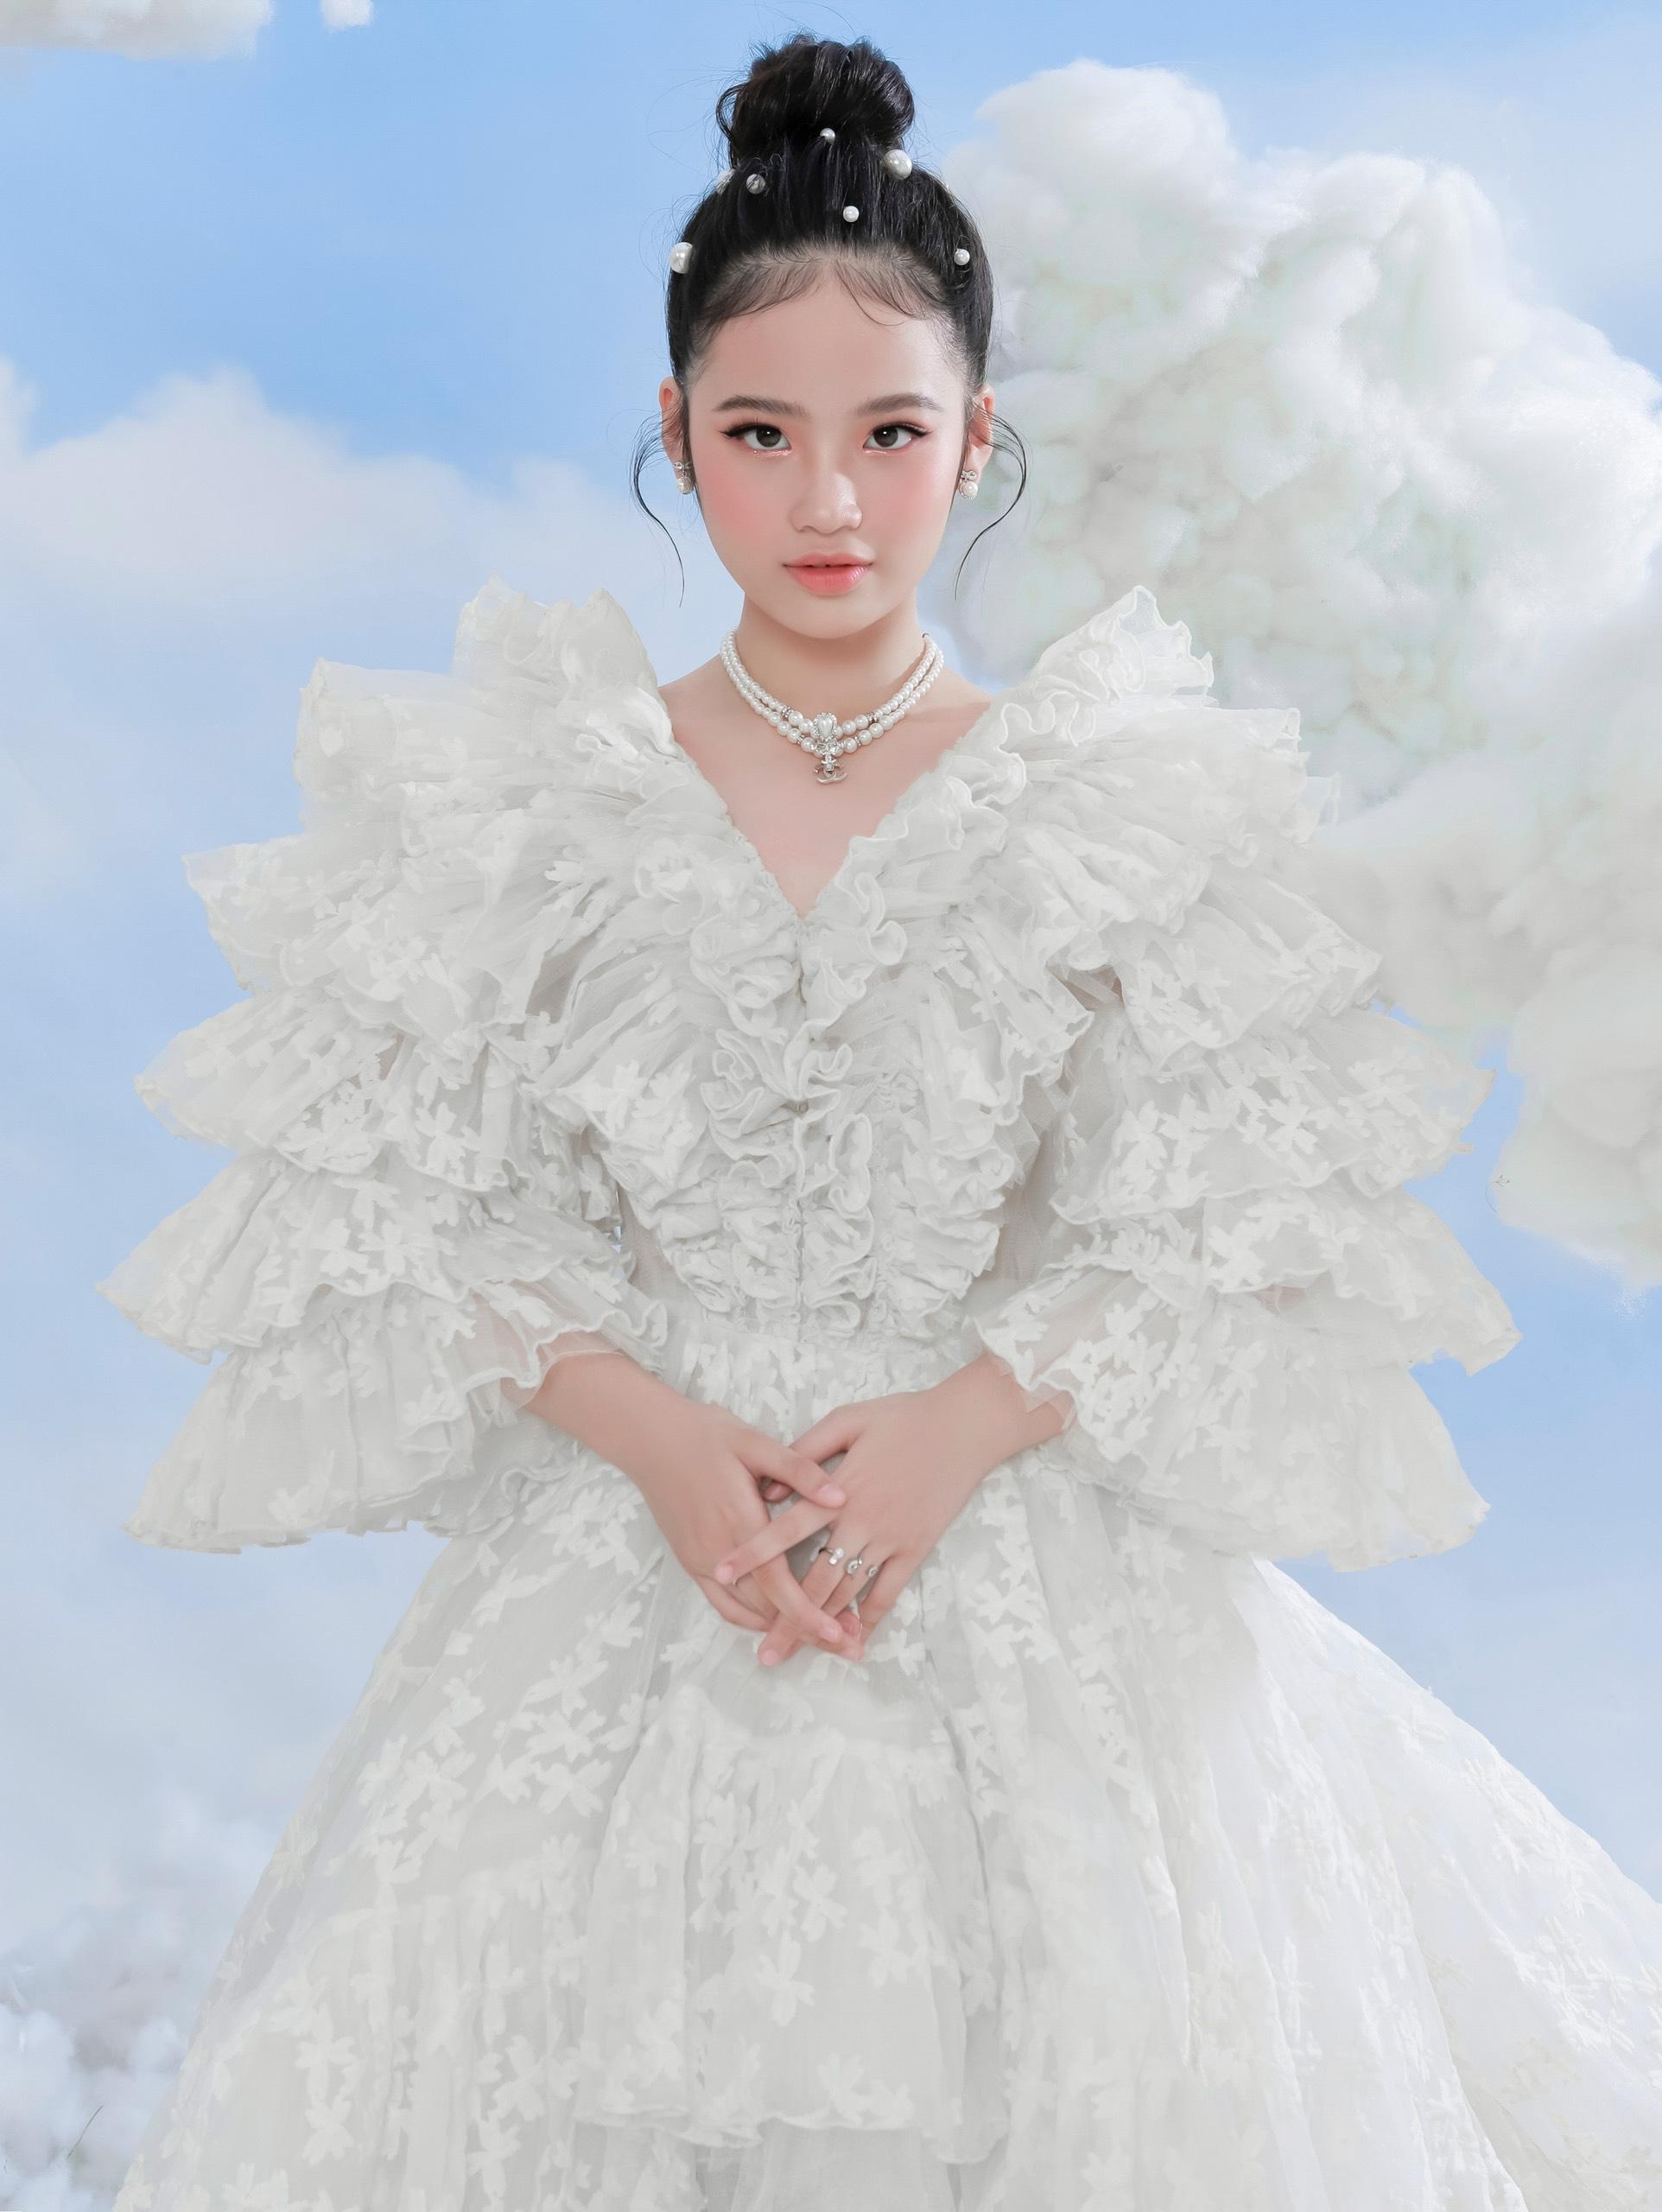 Baoha5 Mẫu nhí Bảo Hà tỏa sáng tinh khôi với bộ ảnh lấy concept mây trắng trong trẻo